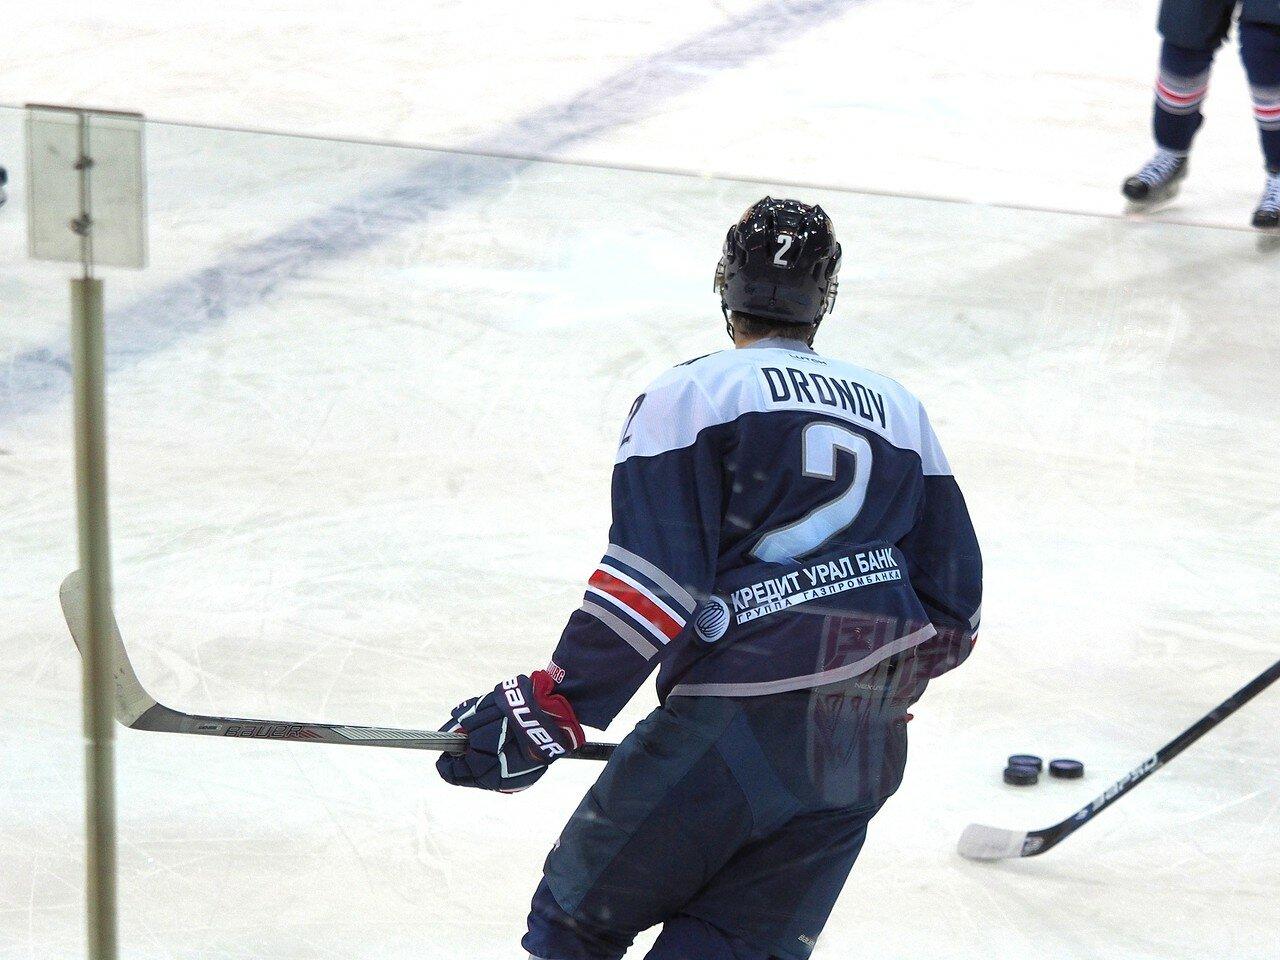 54Металлург - Динамо Москва 21.11.2016